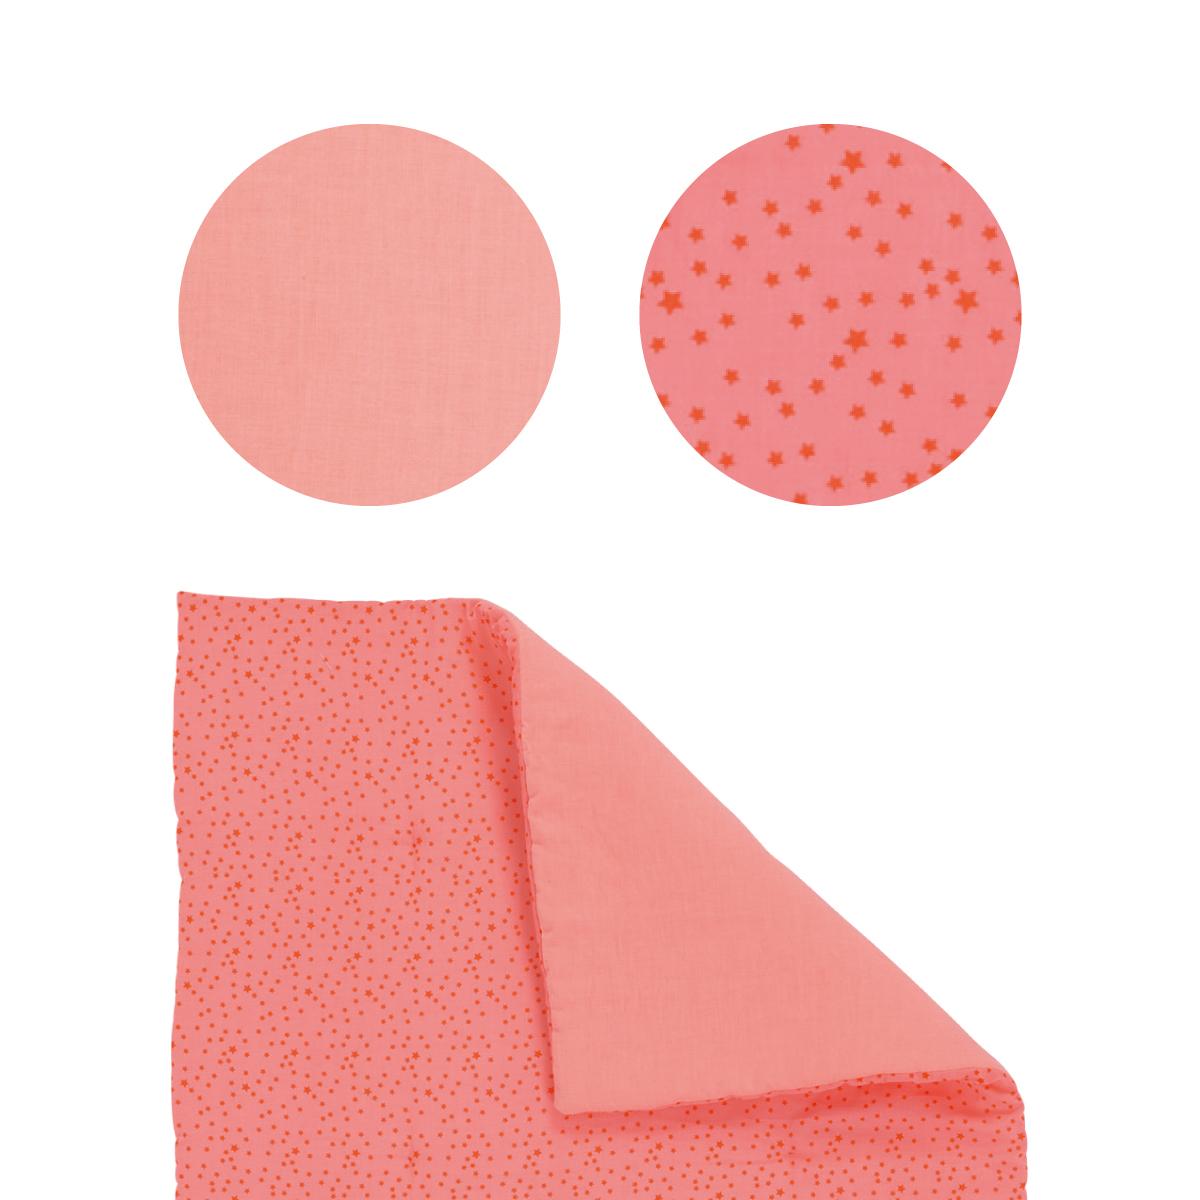 【50%OFF】「タルタンポア」星のベビーキルト(ピンク)